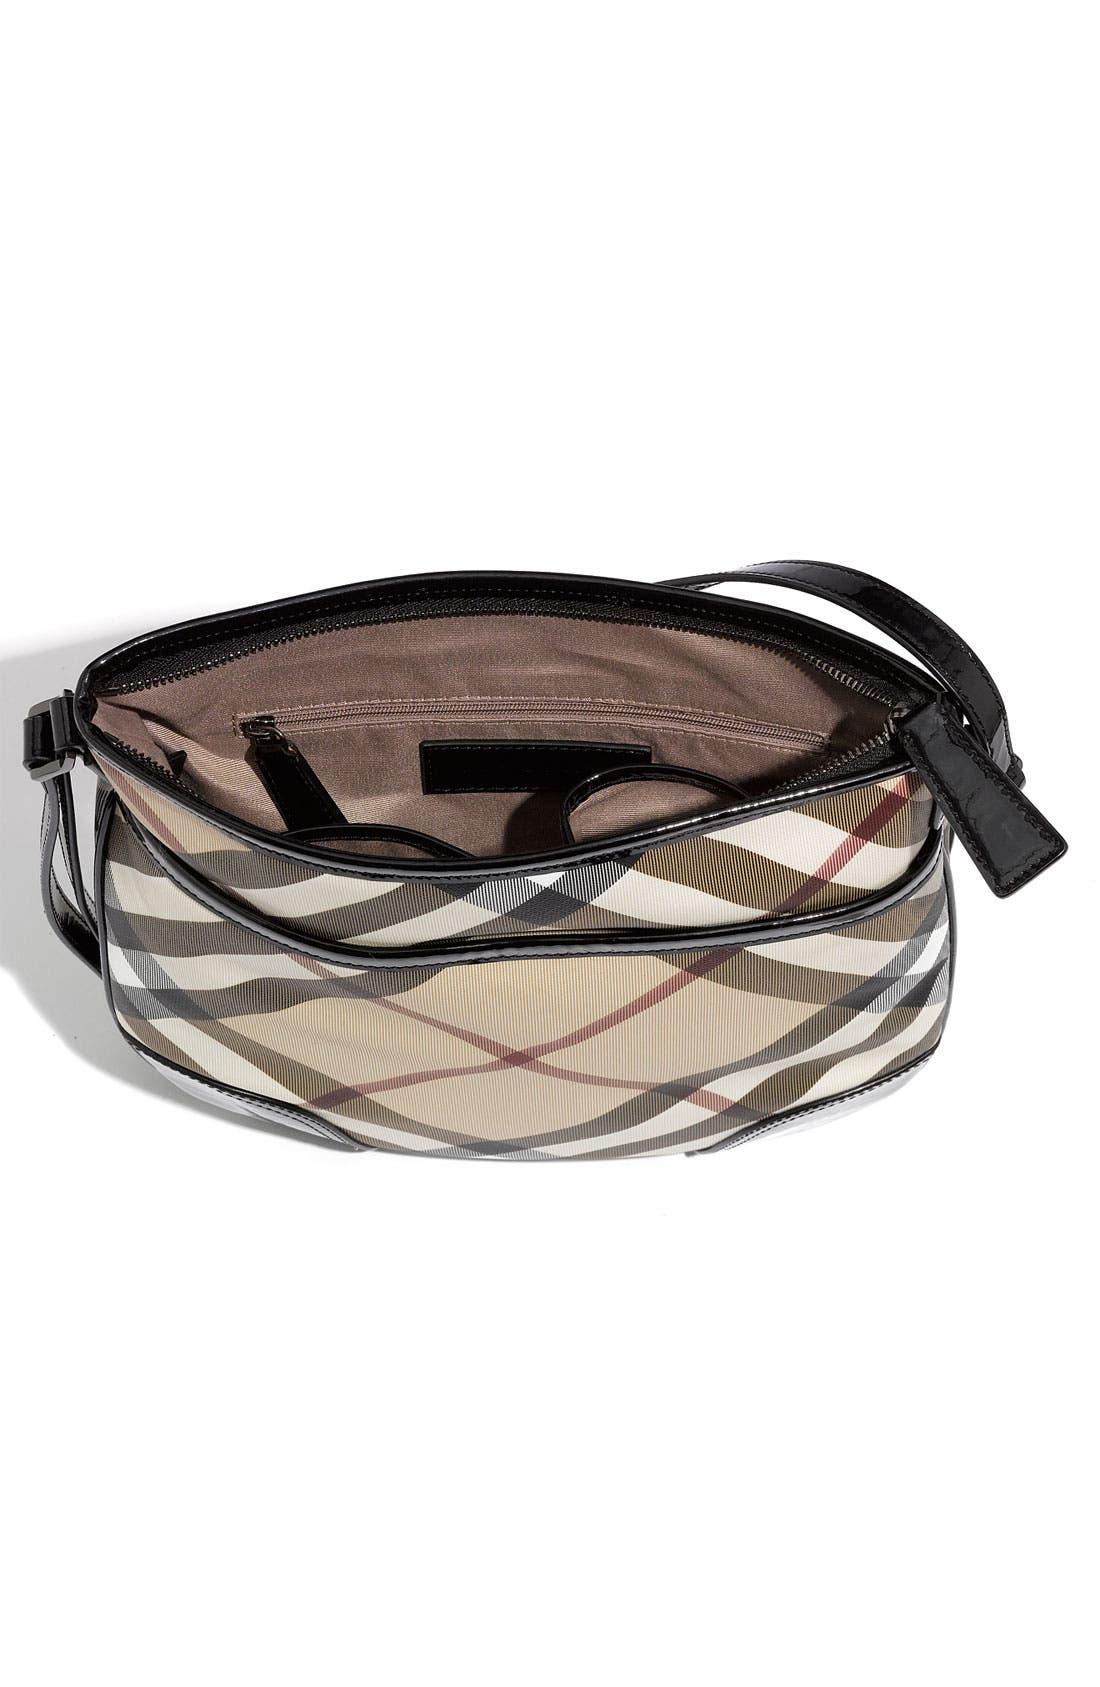 Alternate Image 3  - Burberry 'Nova Check' Crossbody Bag